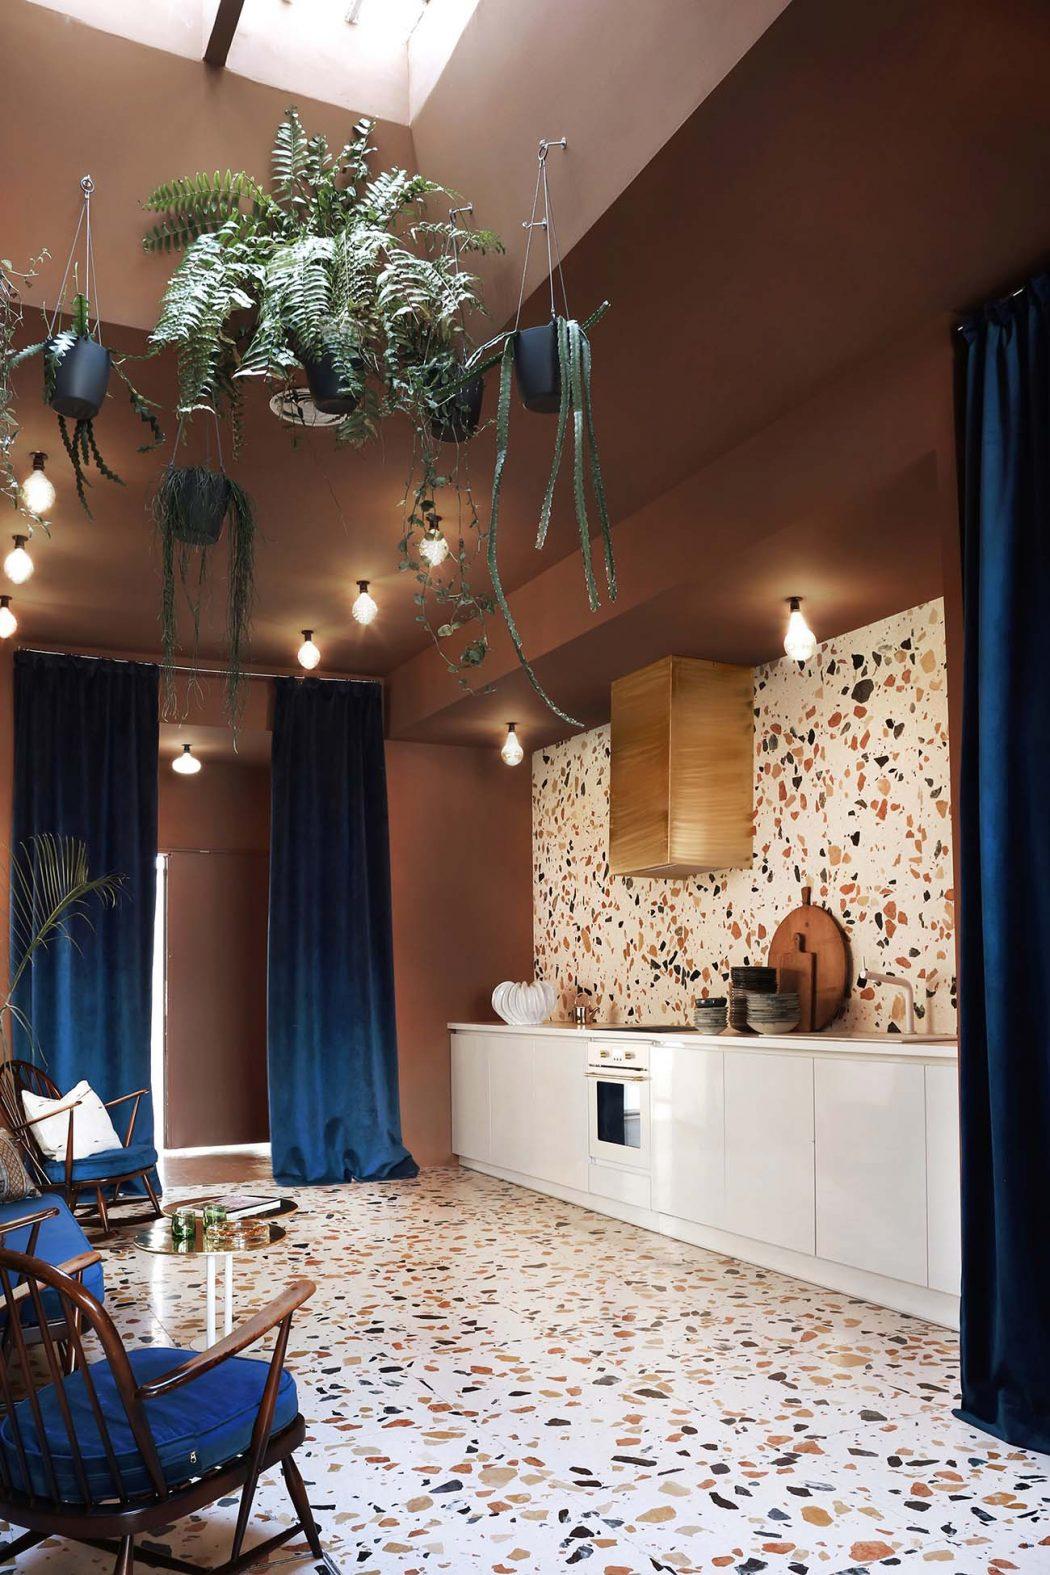 Cordero Atelier Designs Espacio Nueva Carolina Ignant Com